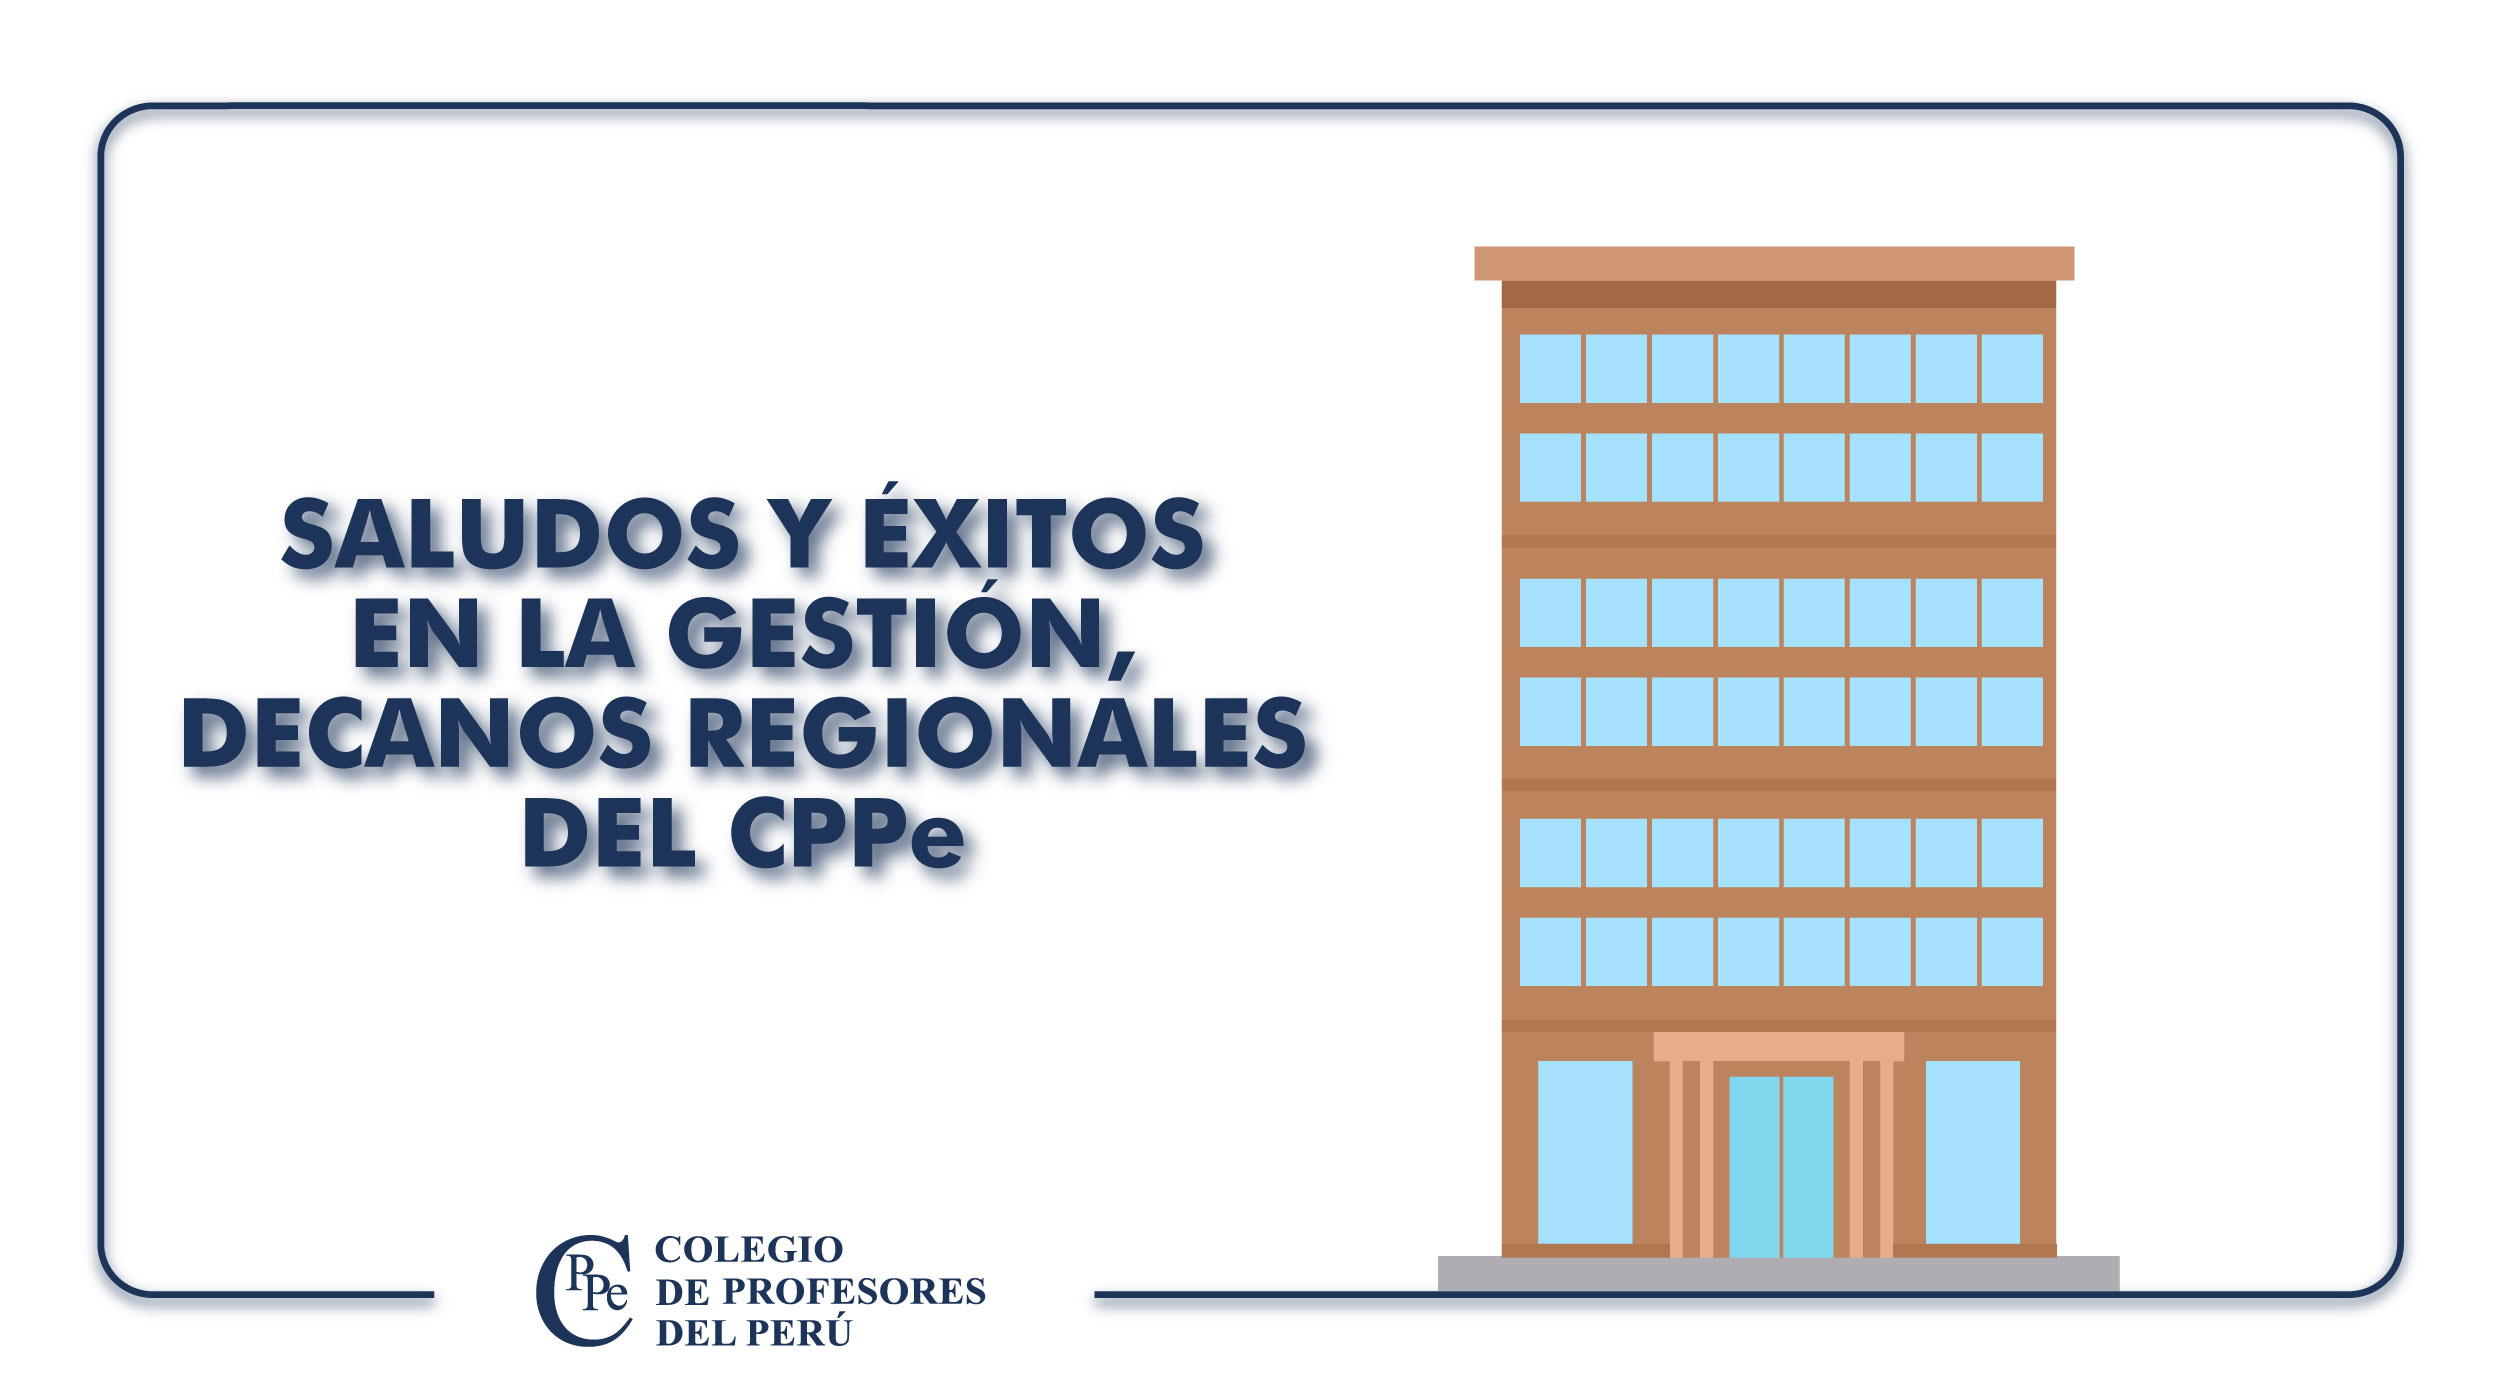 SALUDOS Y ÉXITOS EN LA GESTIÓN, DECANOS REGIONALES DEL CPPe, PERIODO 2020 – 2023.